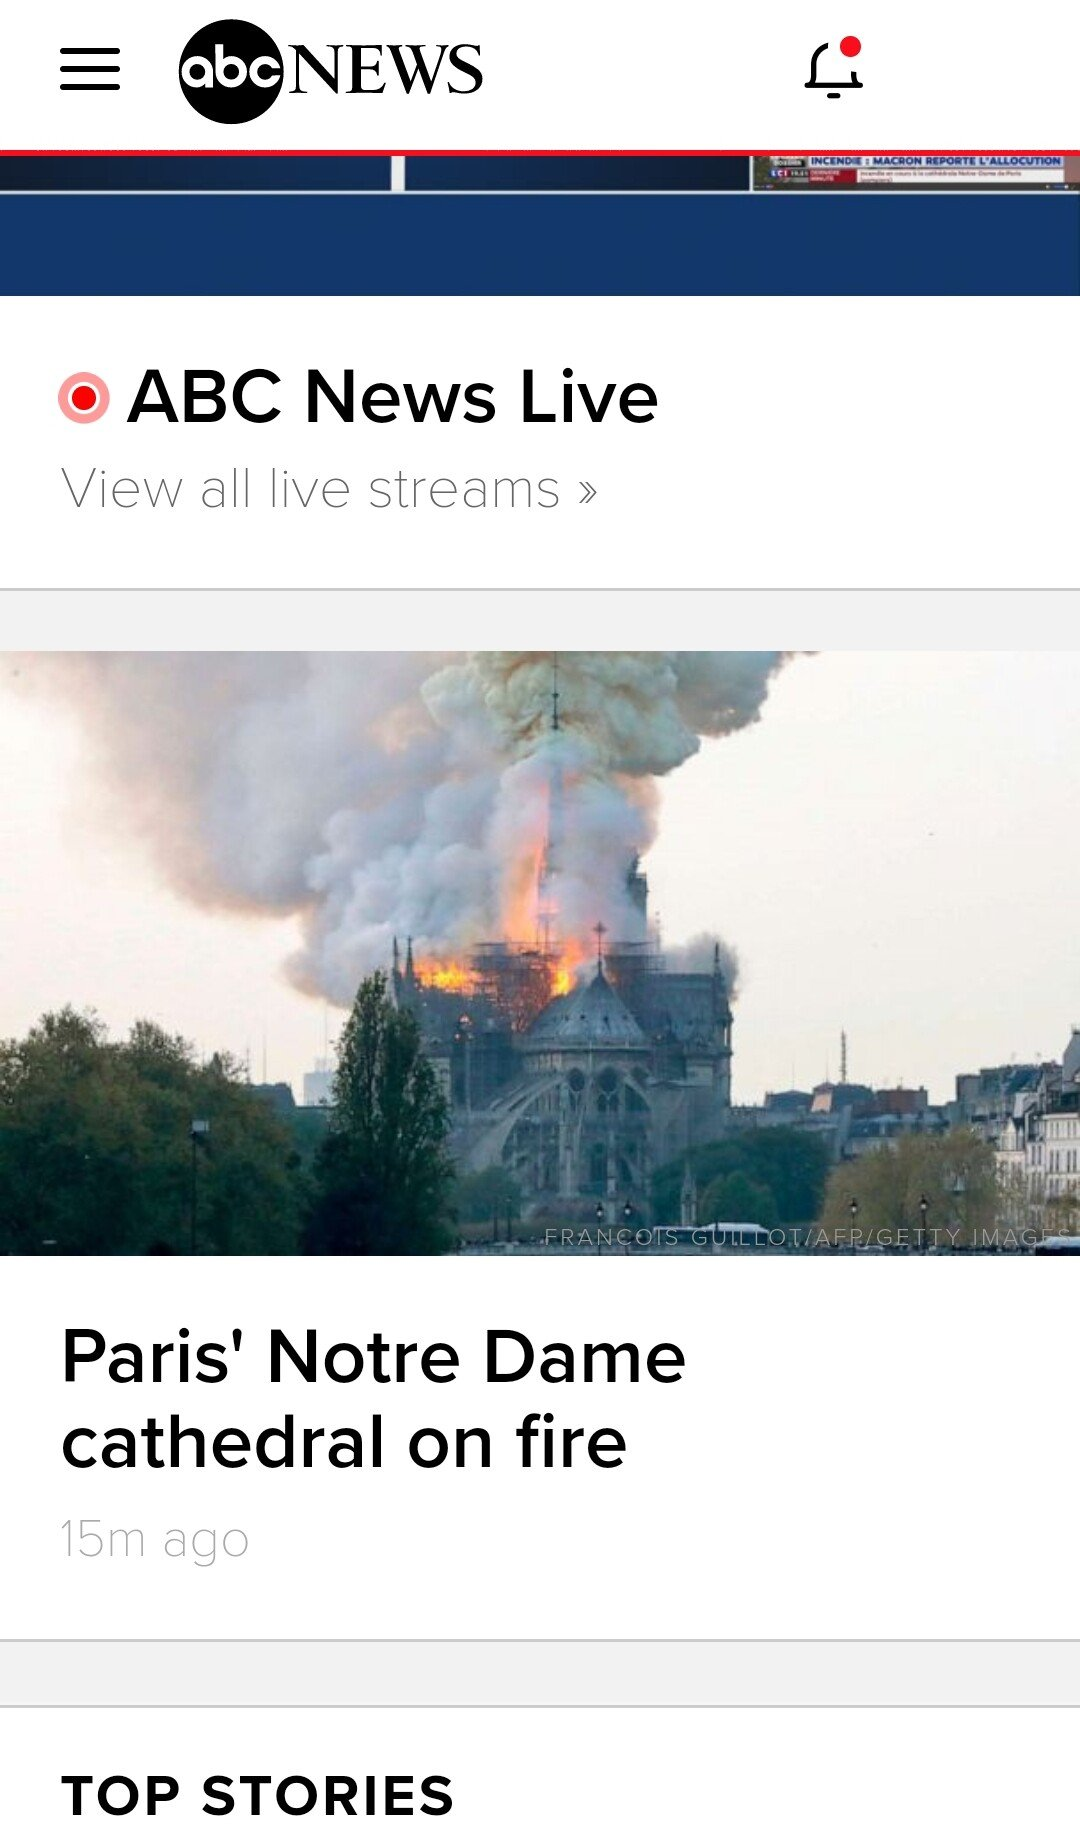 20190416_025153.jpg 세계 주요 언론사들의 뉴스 메인 상황.jpg